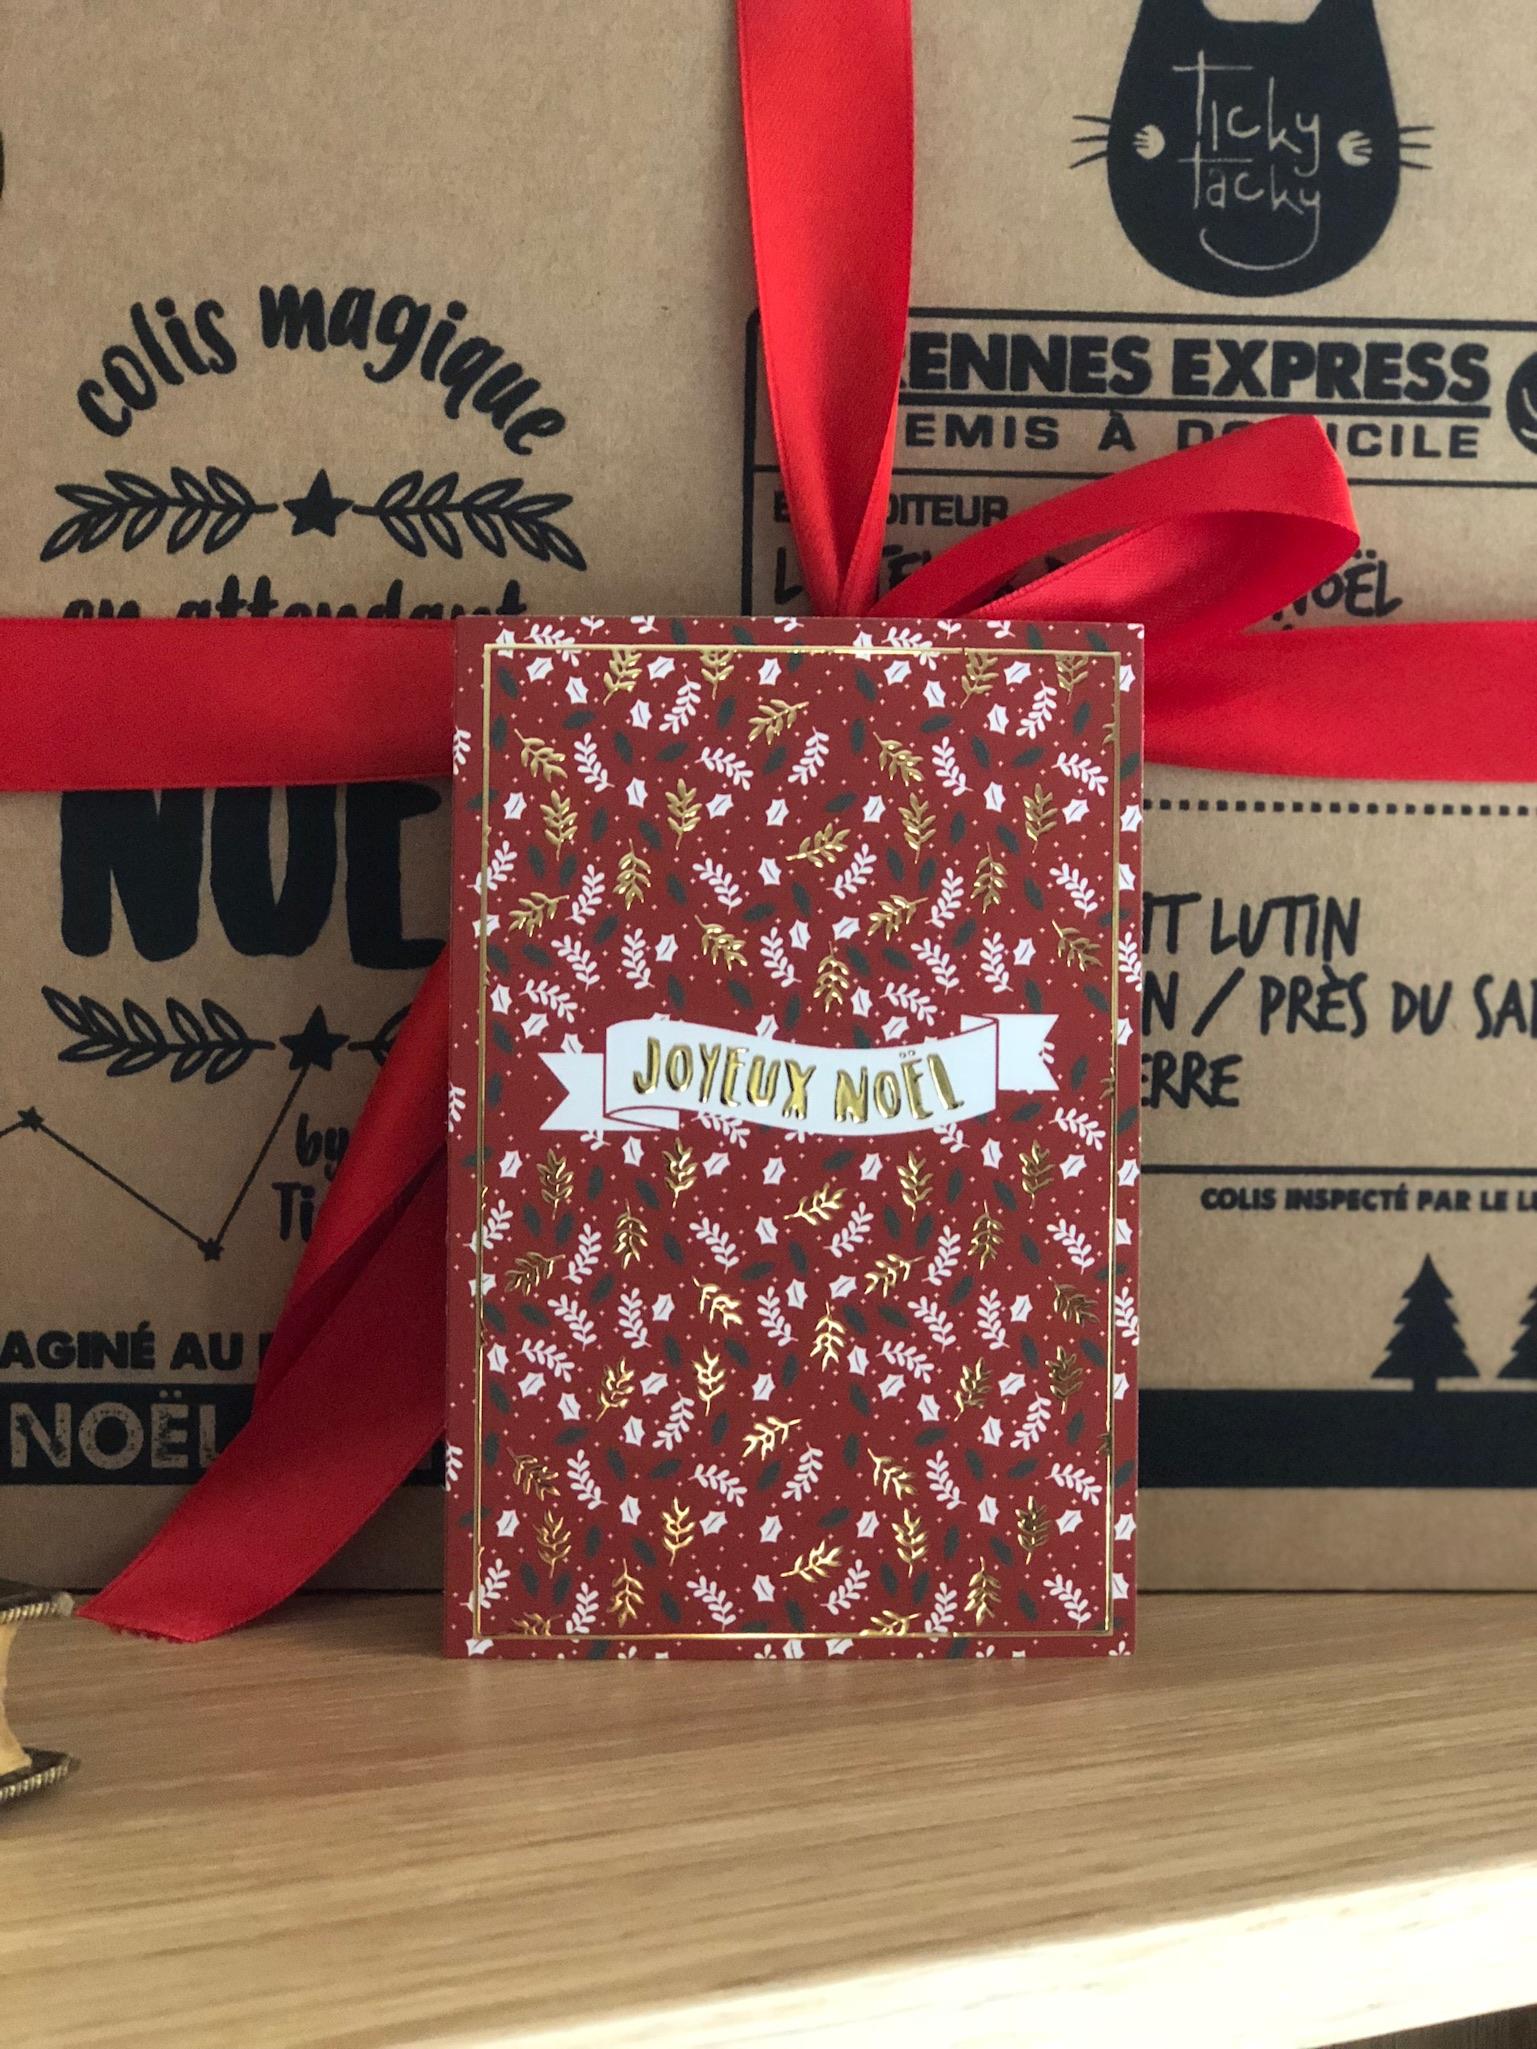 Lot de 5 cartes de Noël Joyeux Noël avec ses enveloppes